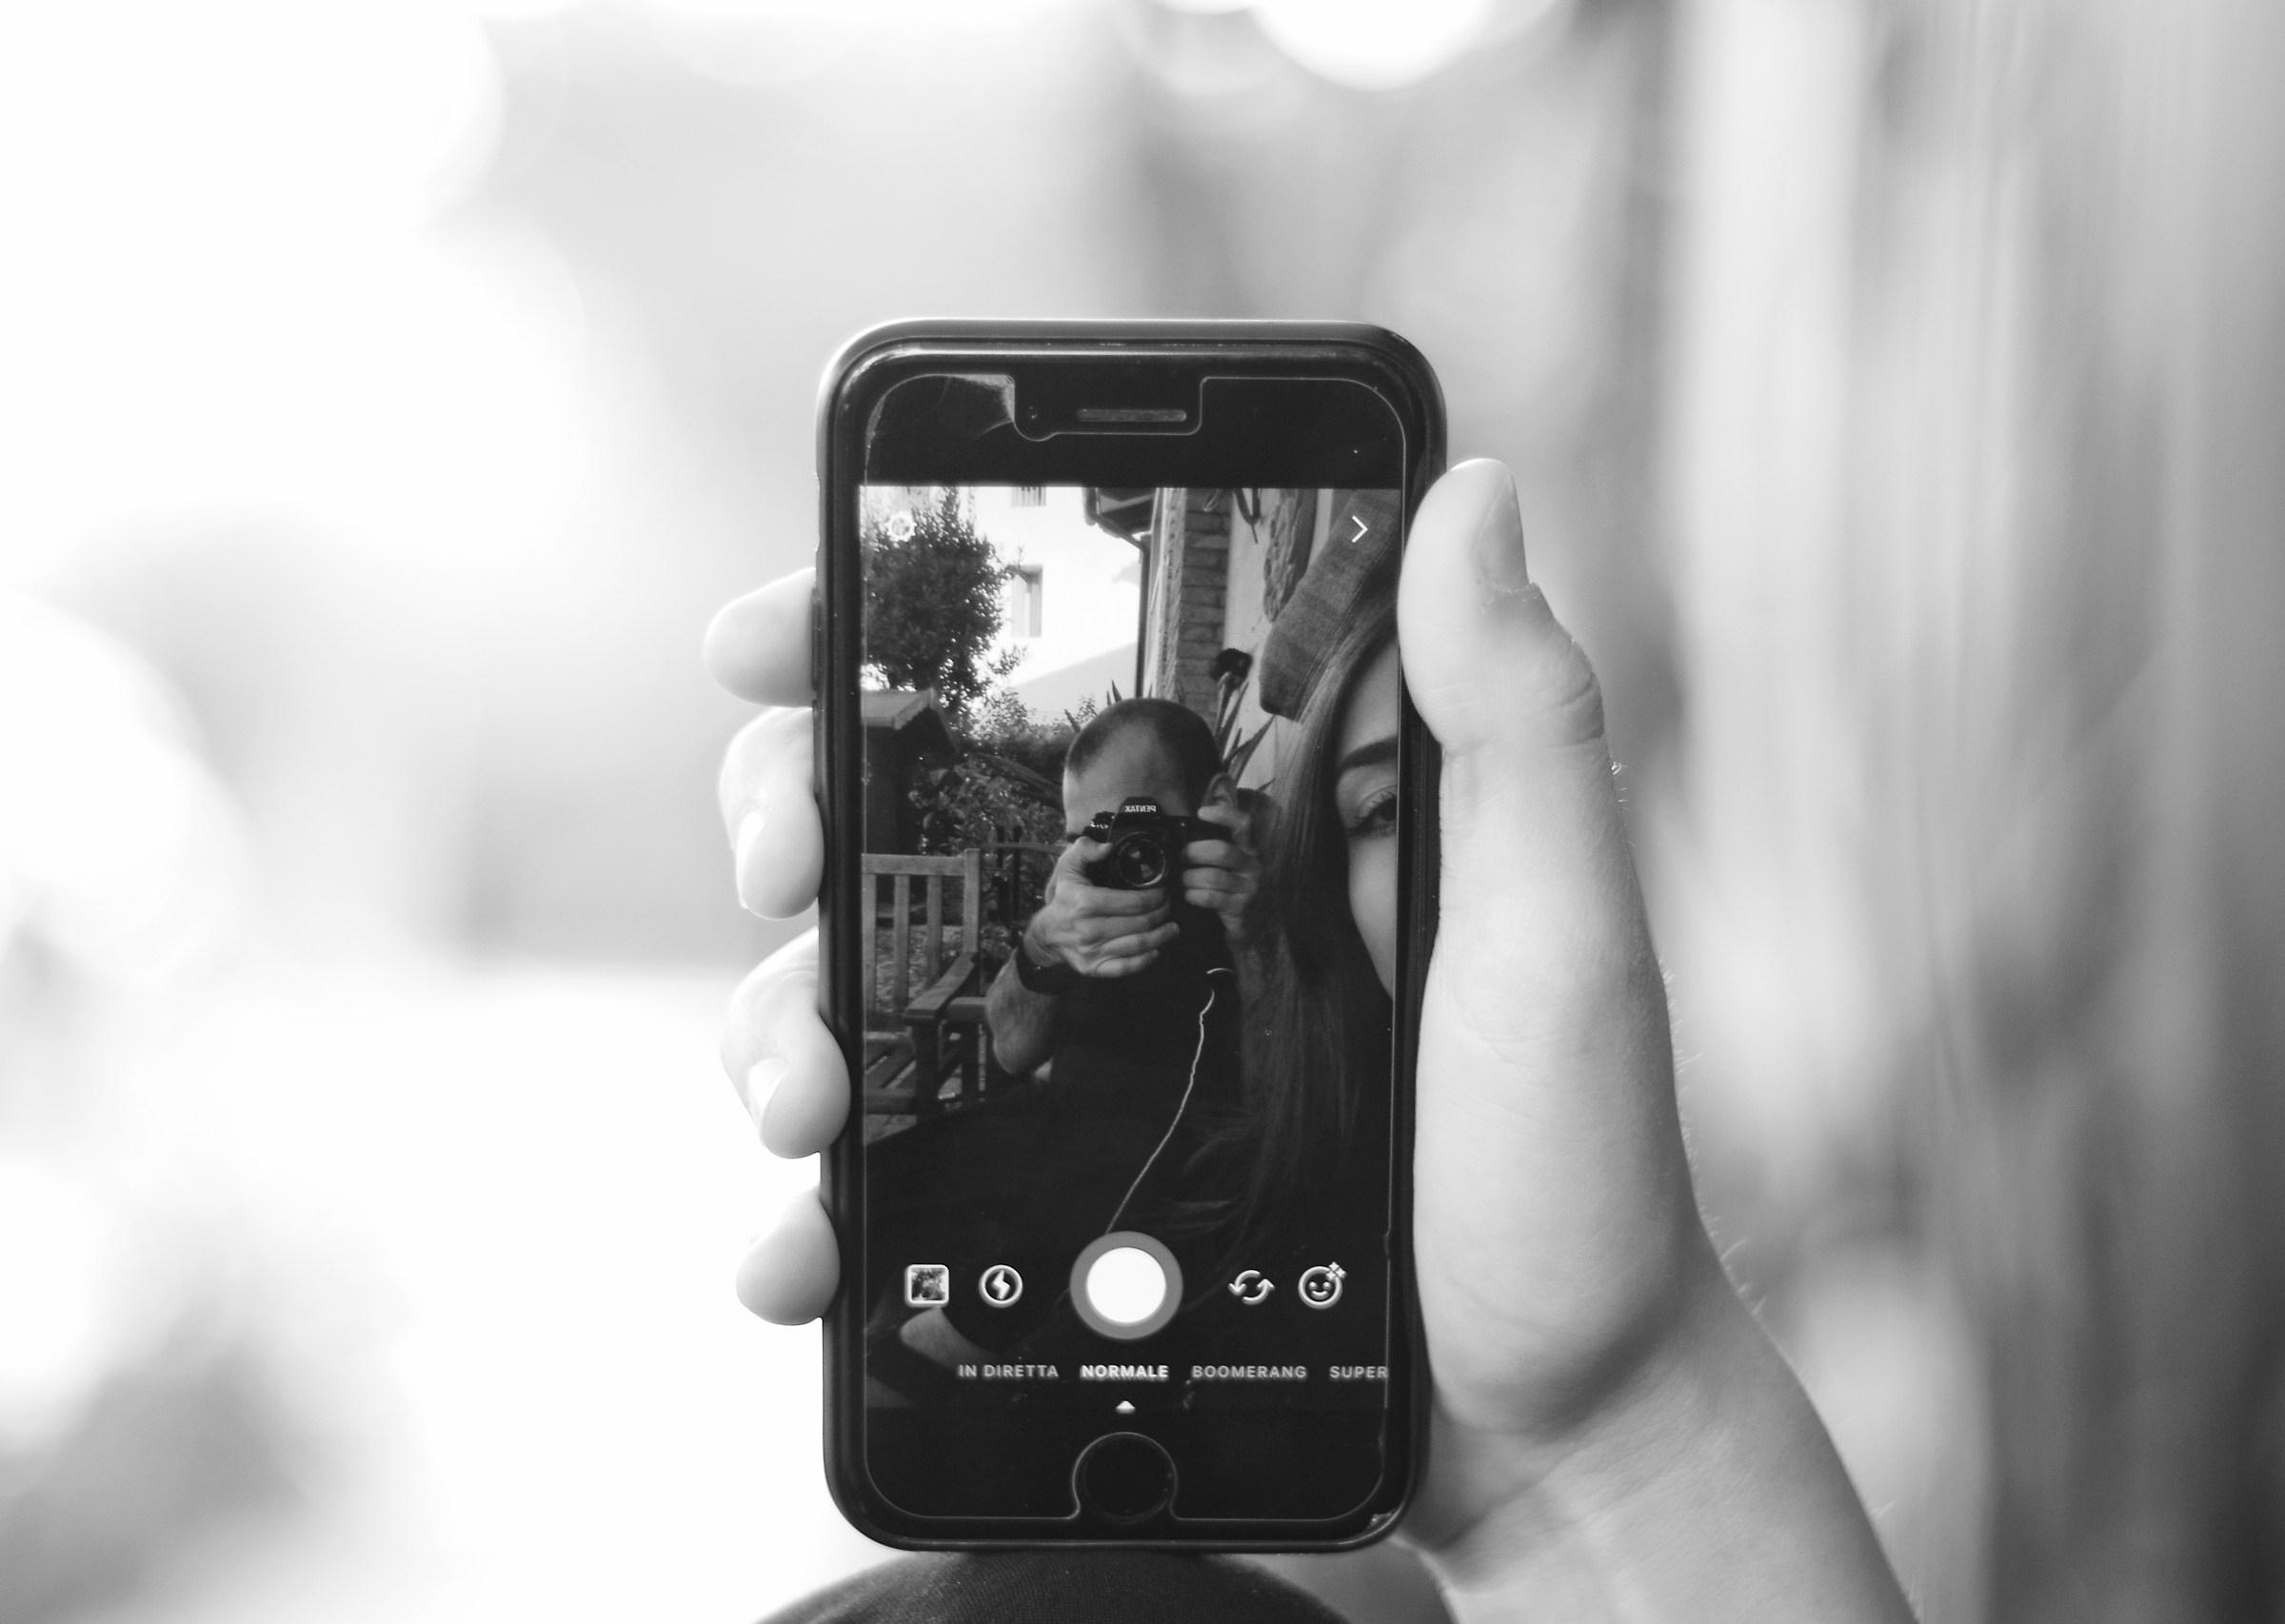 selfies?...